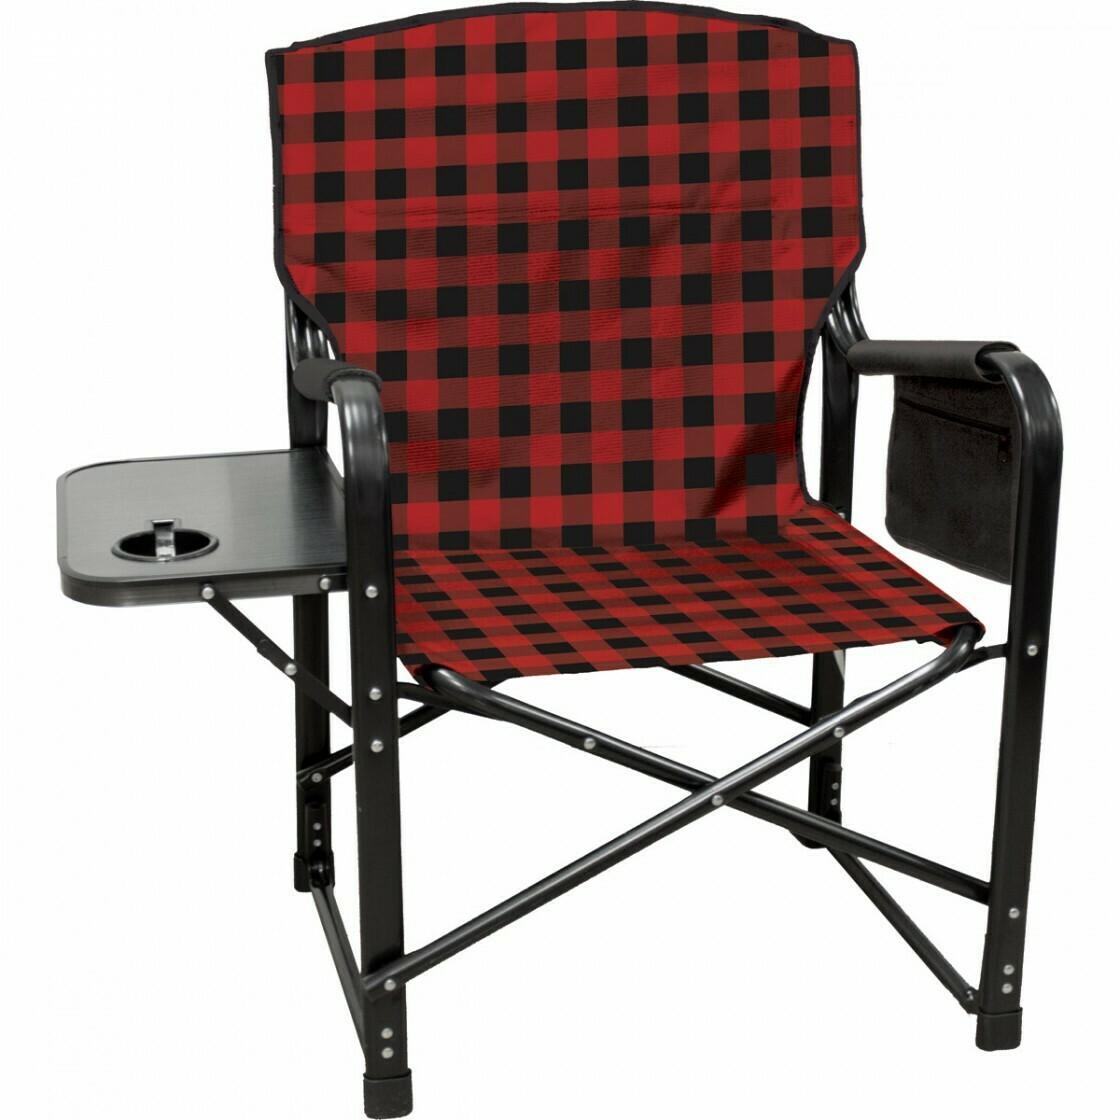 Kuma Bear Paws Chair with Side Table